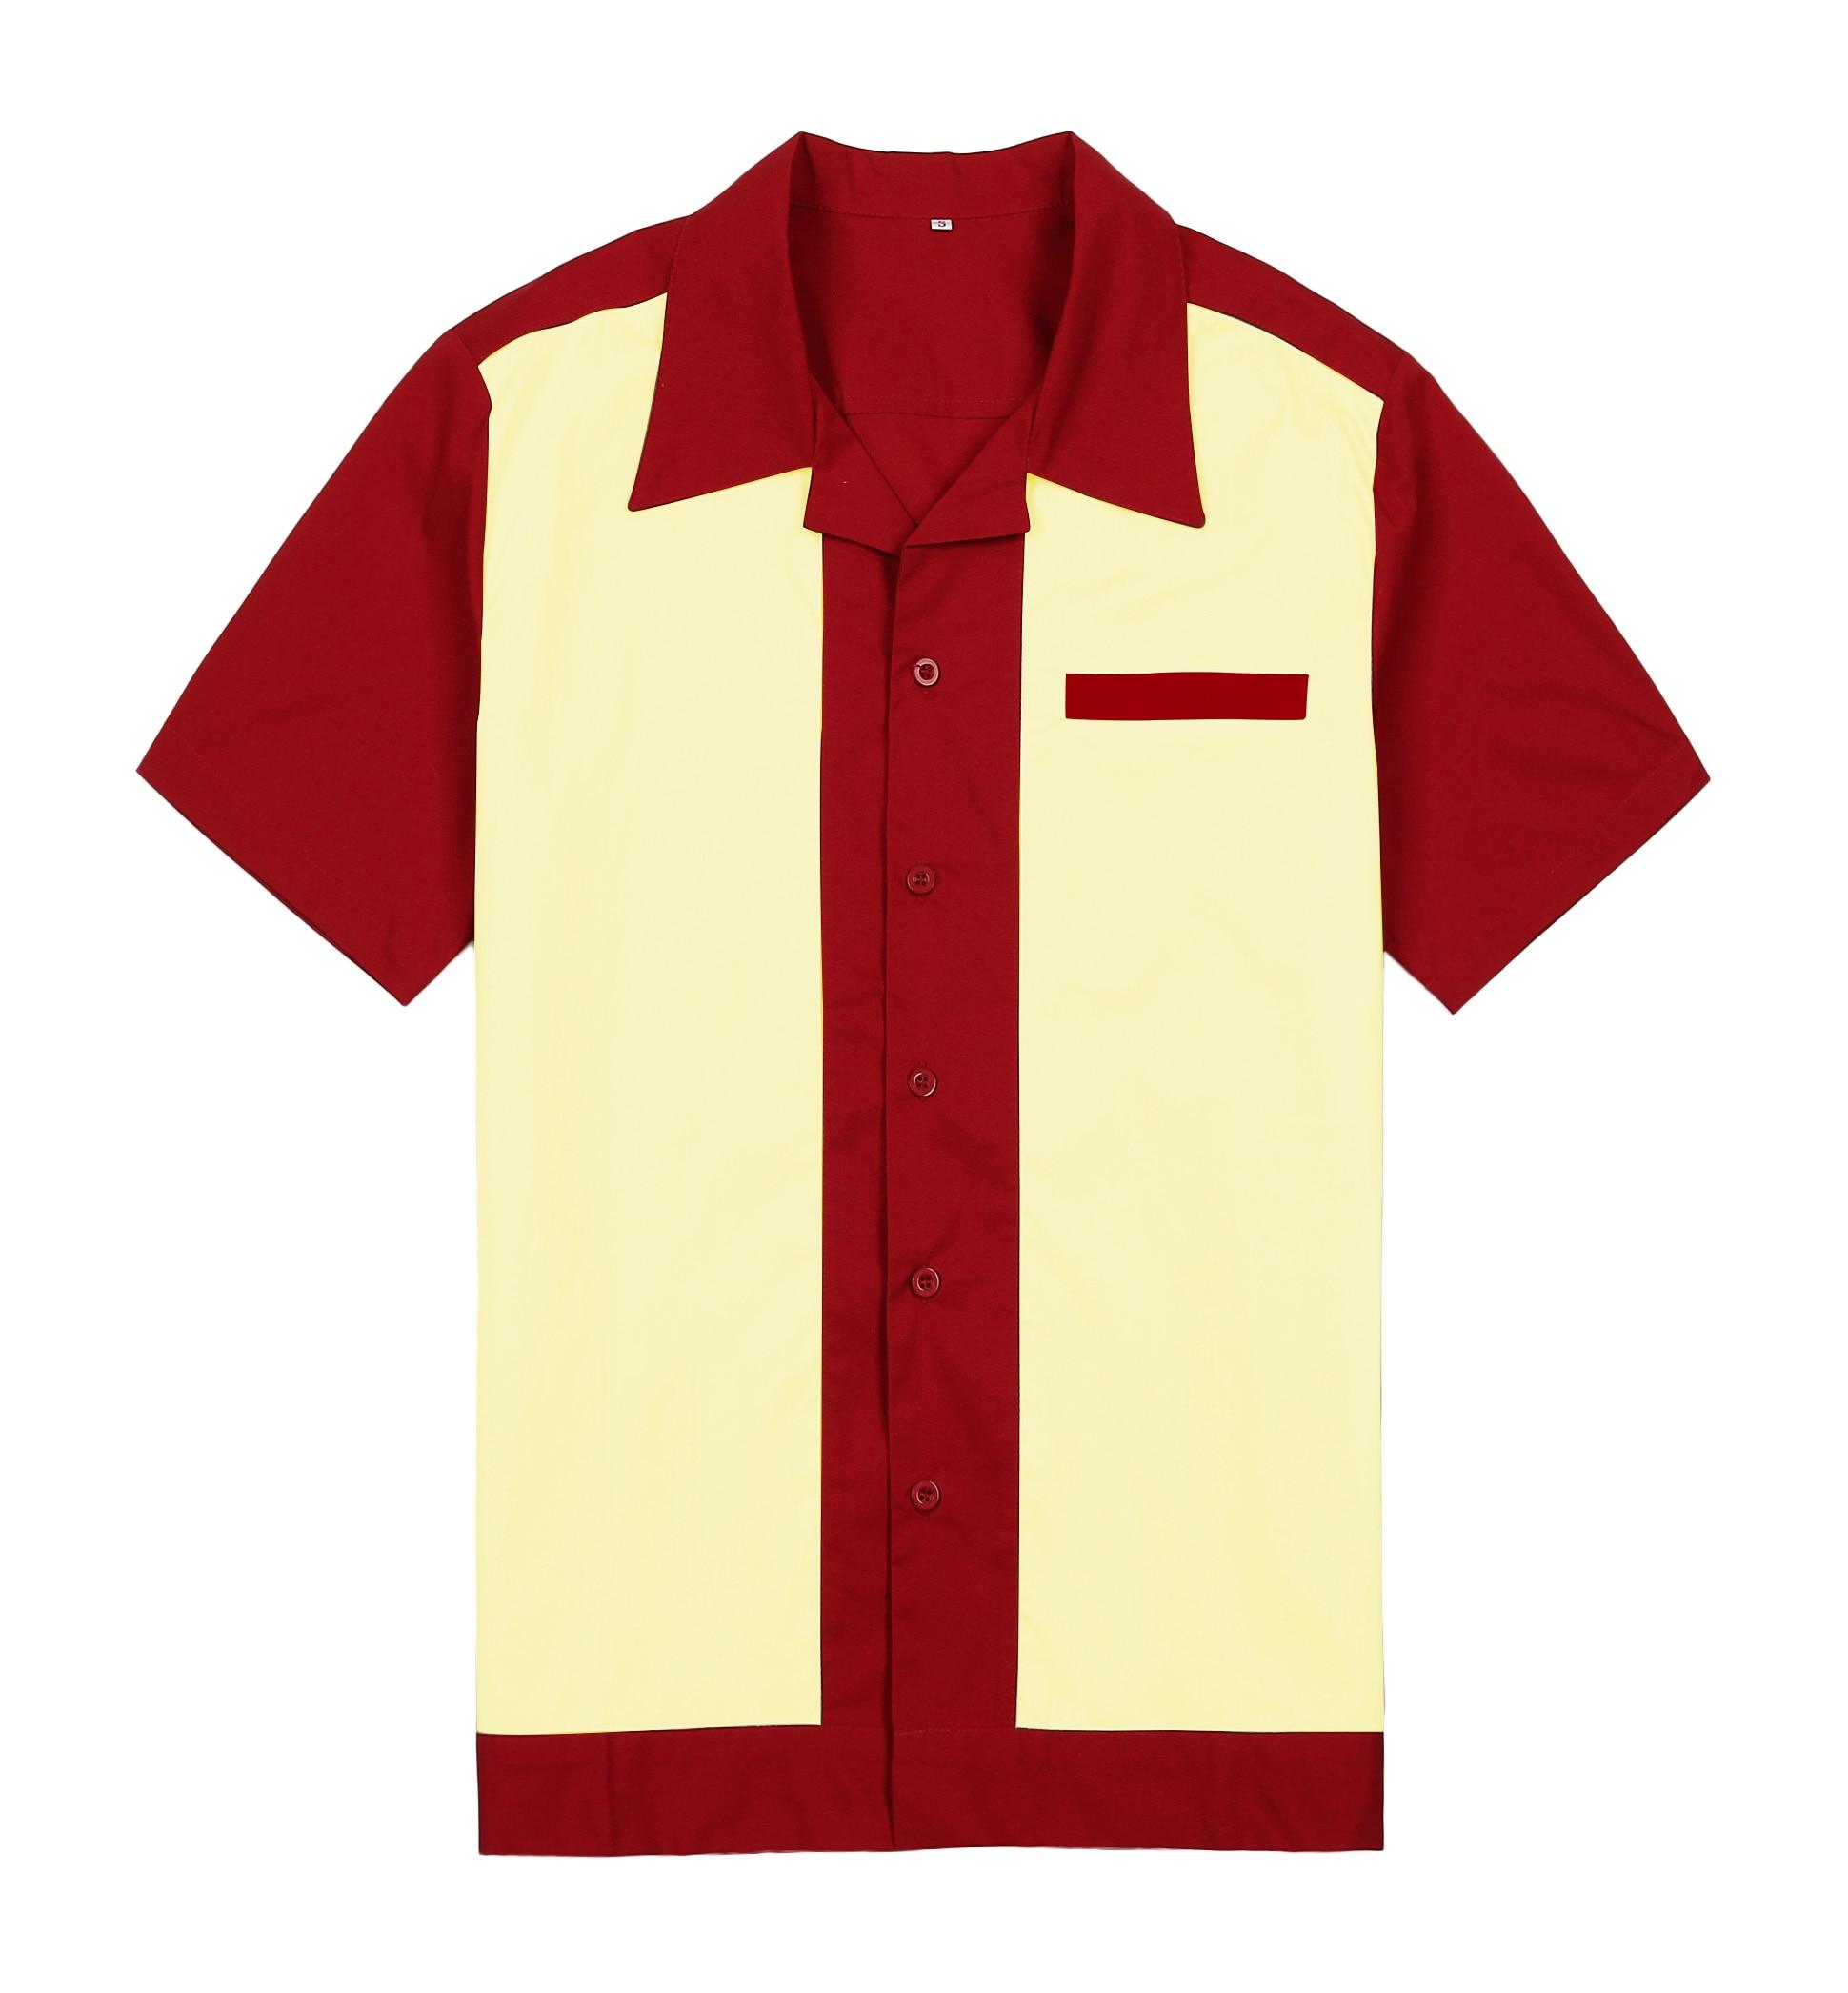 0f531c4d1c96b Mens Purple Wear Panel Color Short Sleeve Button Up Cotton 50 s 60 s Vintage  Casual Designer Shirts